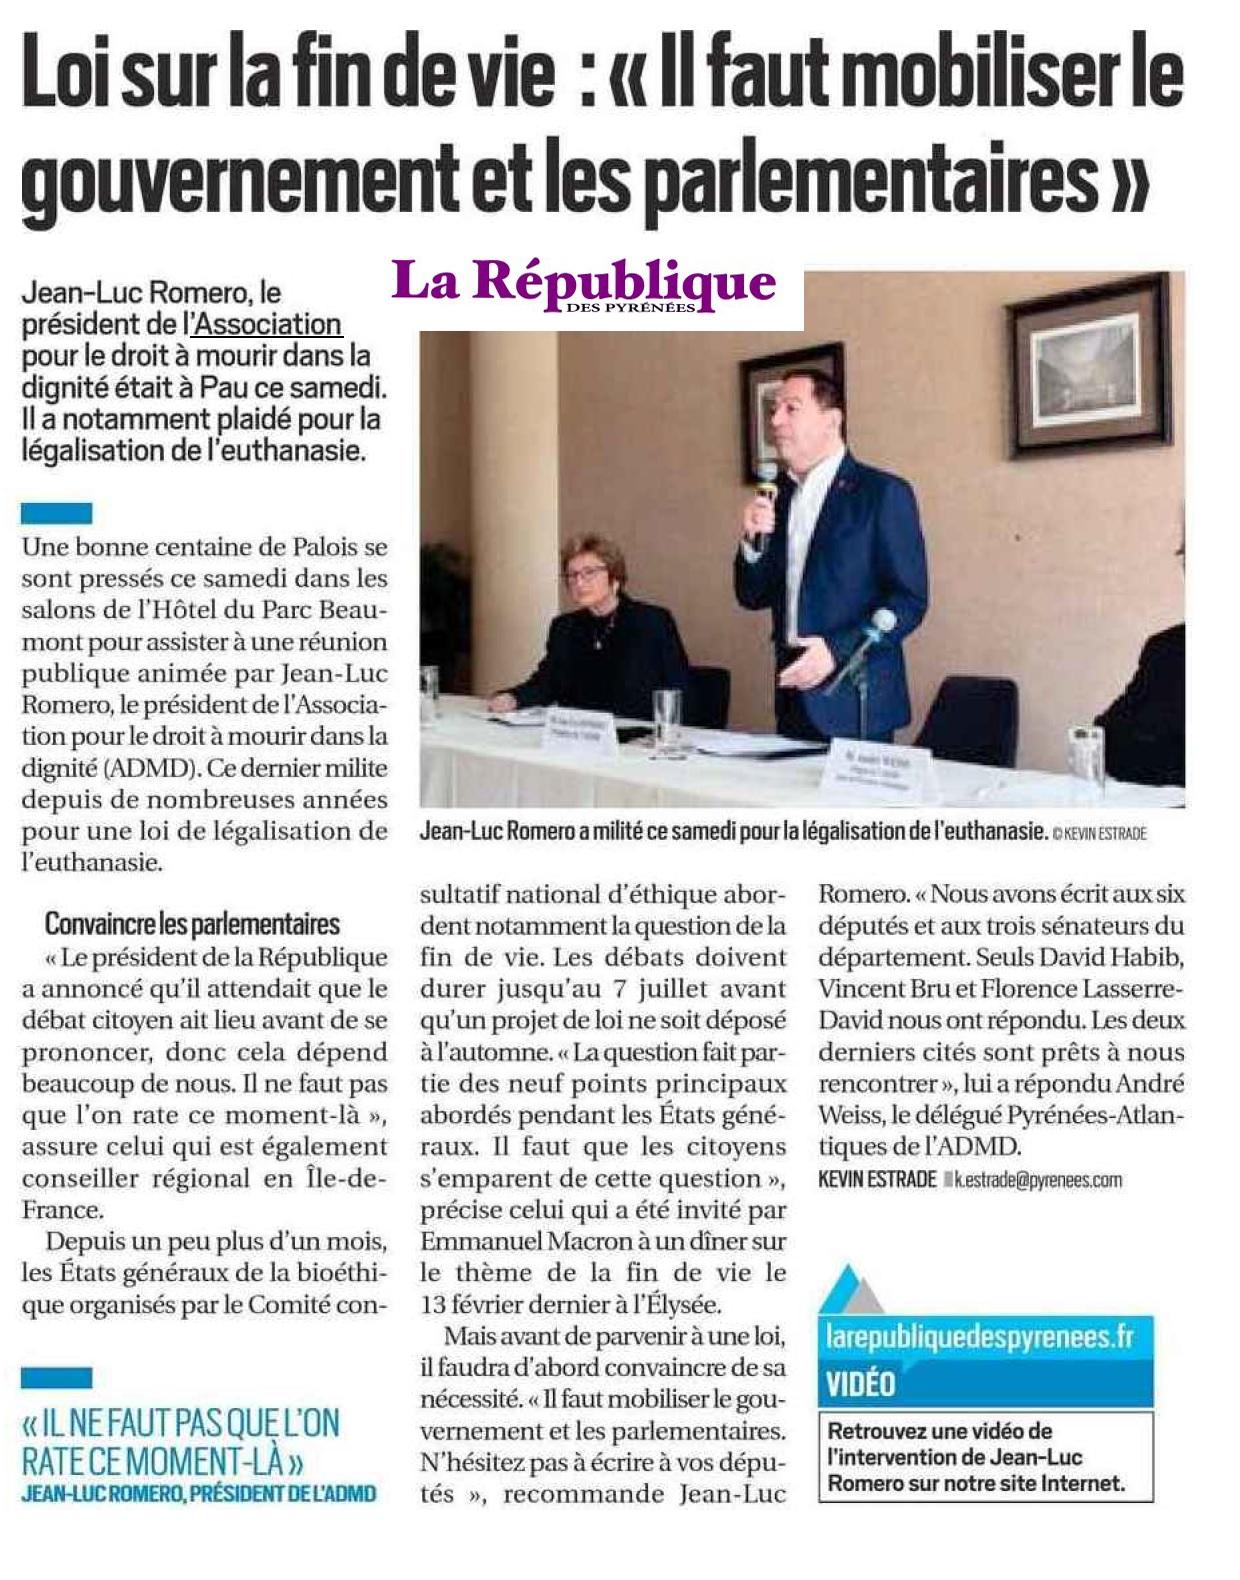 """""""Il faut mobiliser le gouvernement et les parlementaires"""" sur la fin de vie - Jean-Luc Romero"""